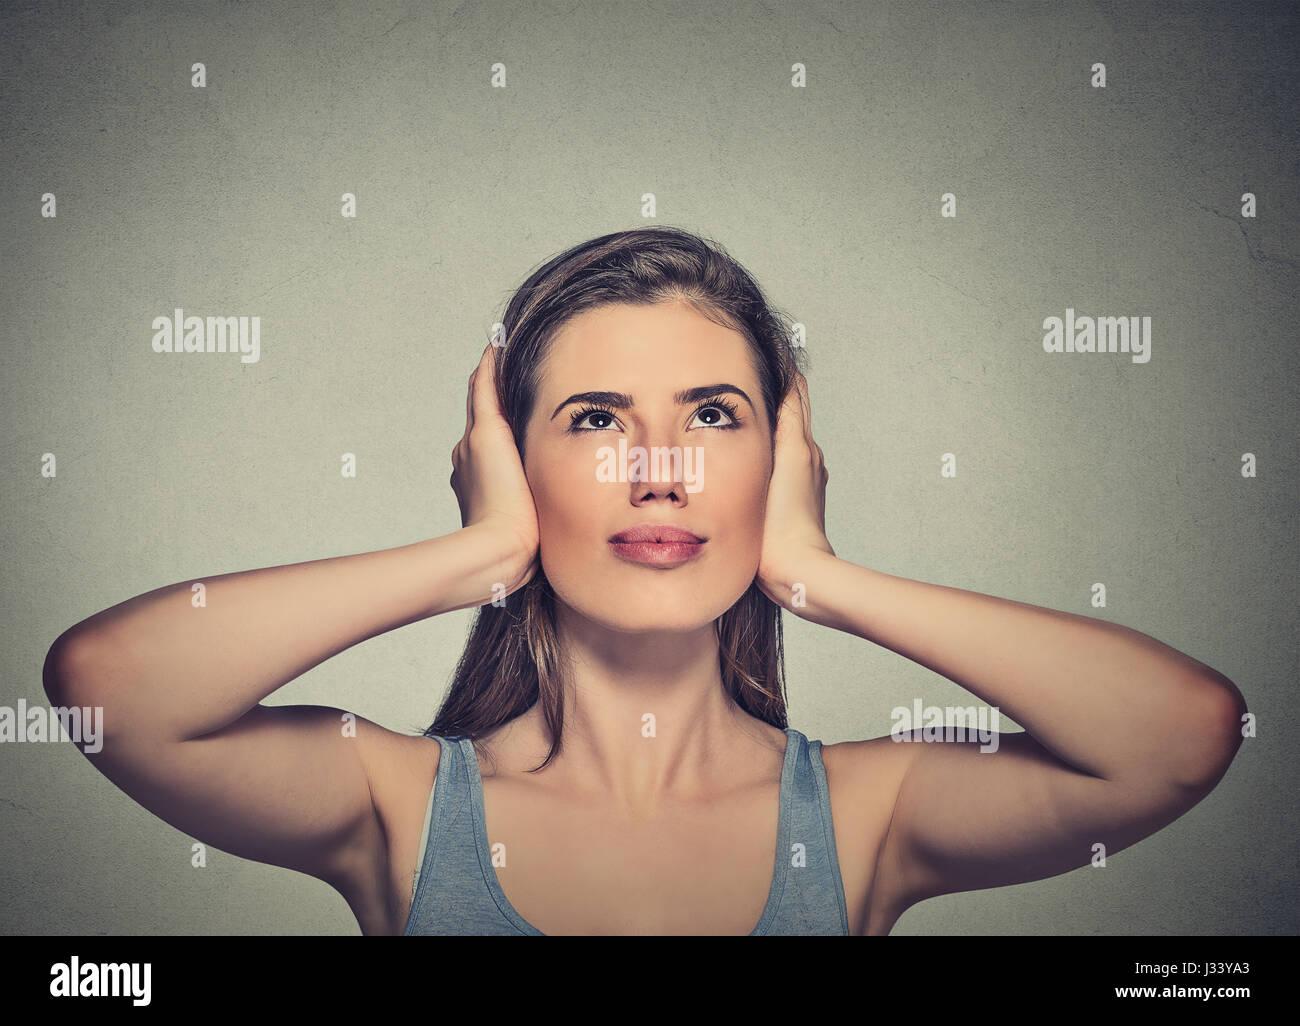 photos de femmes donnant la tête